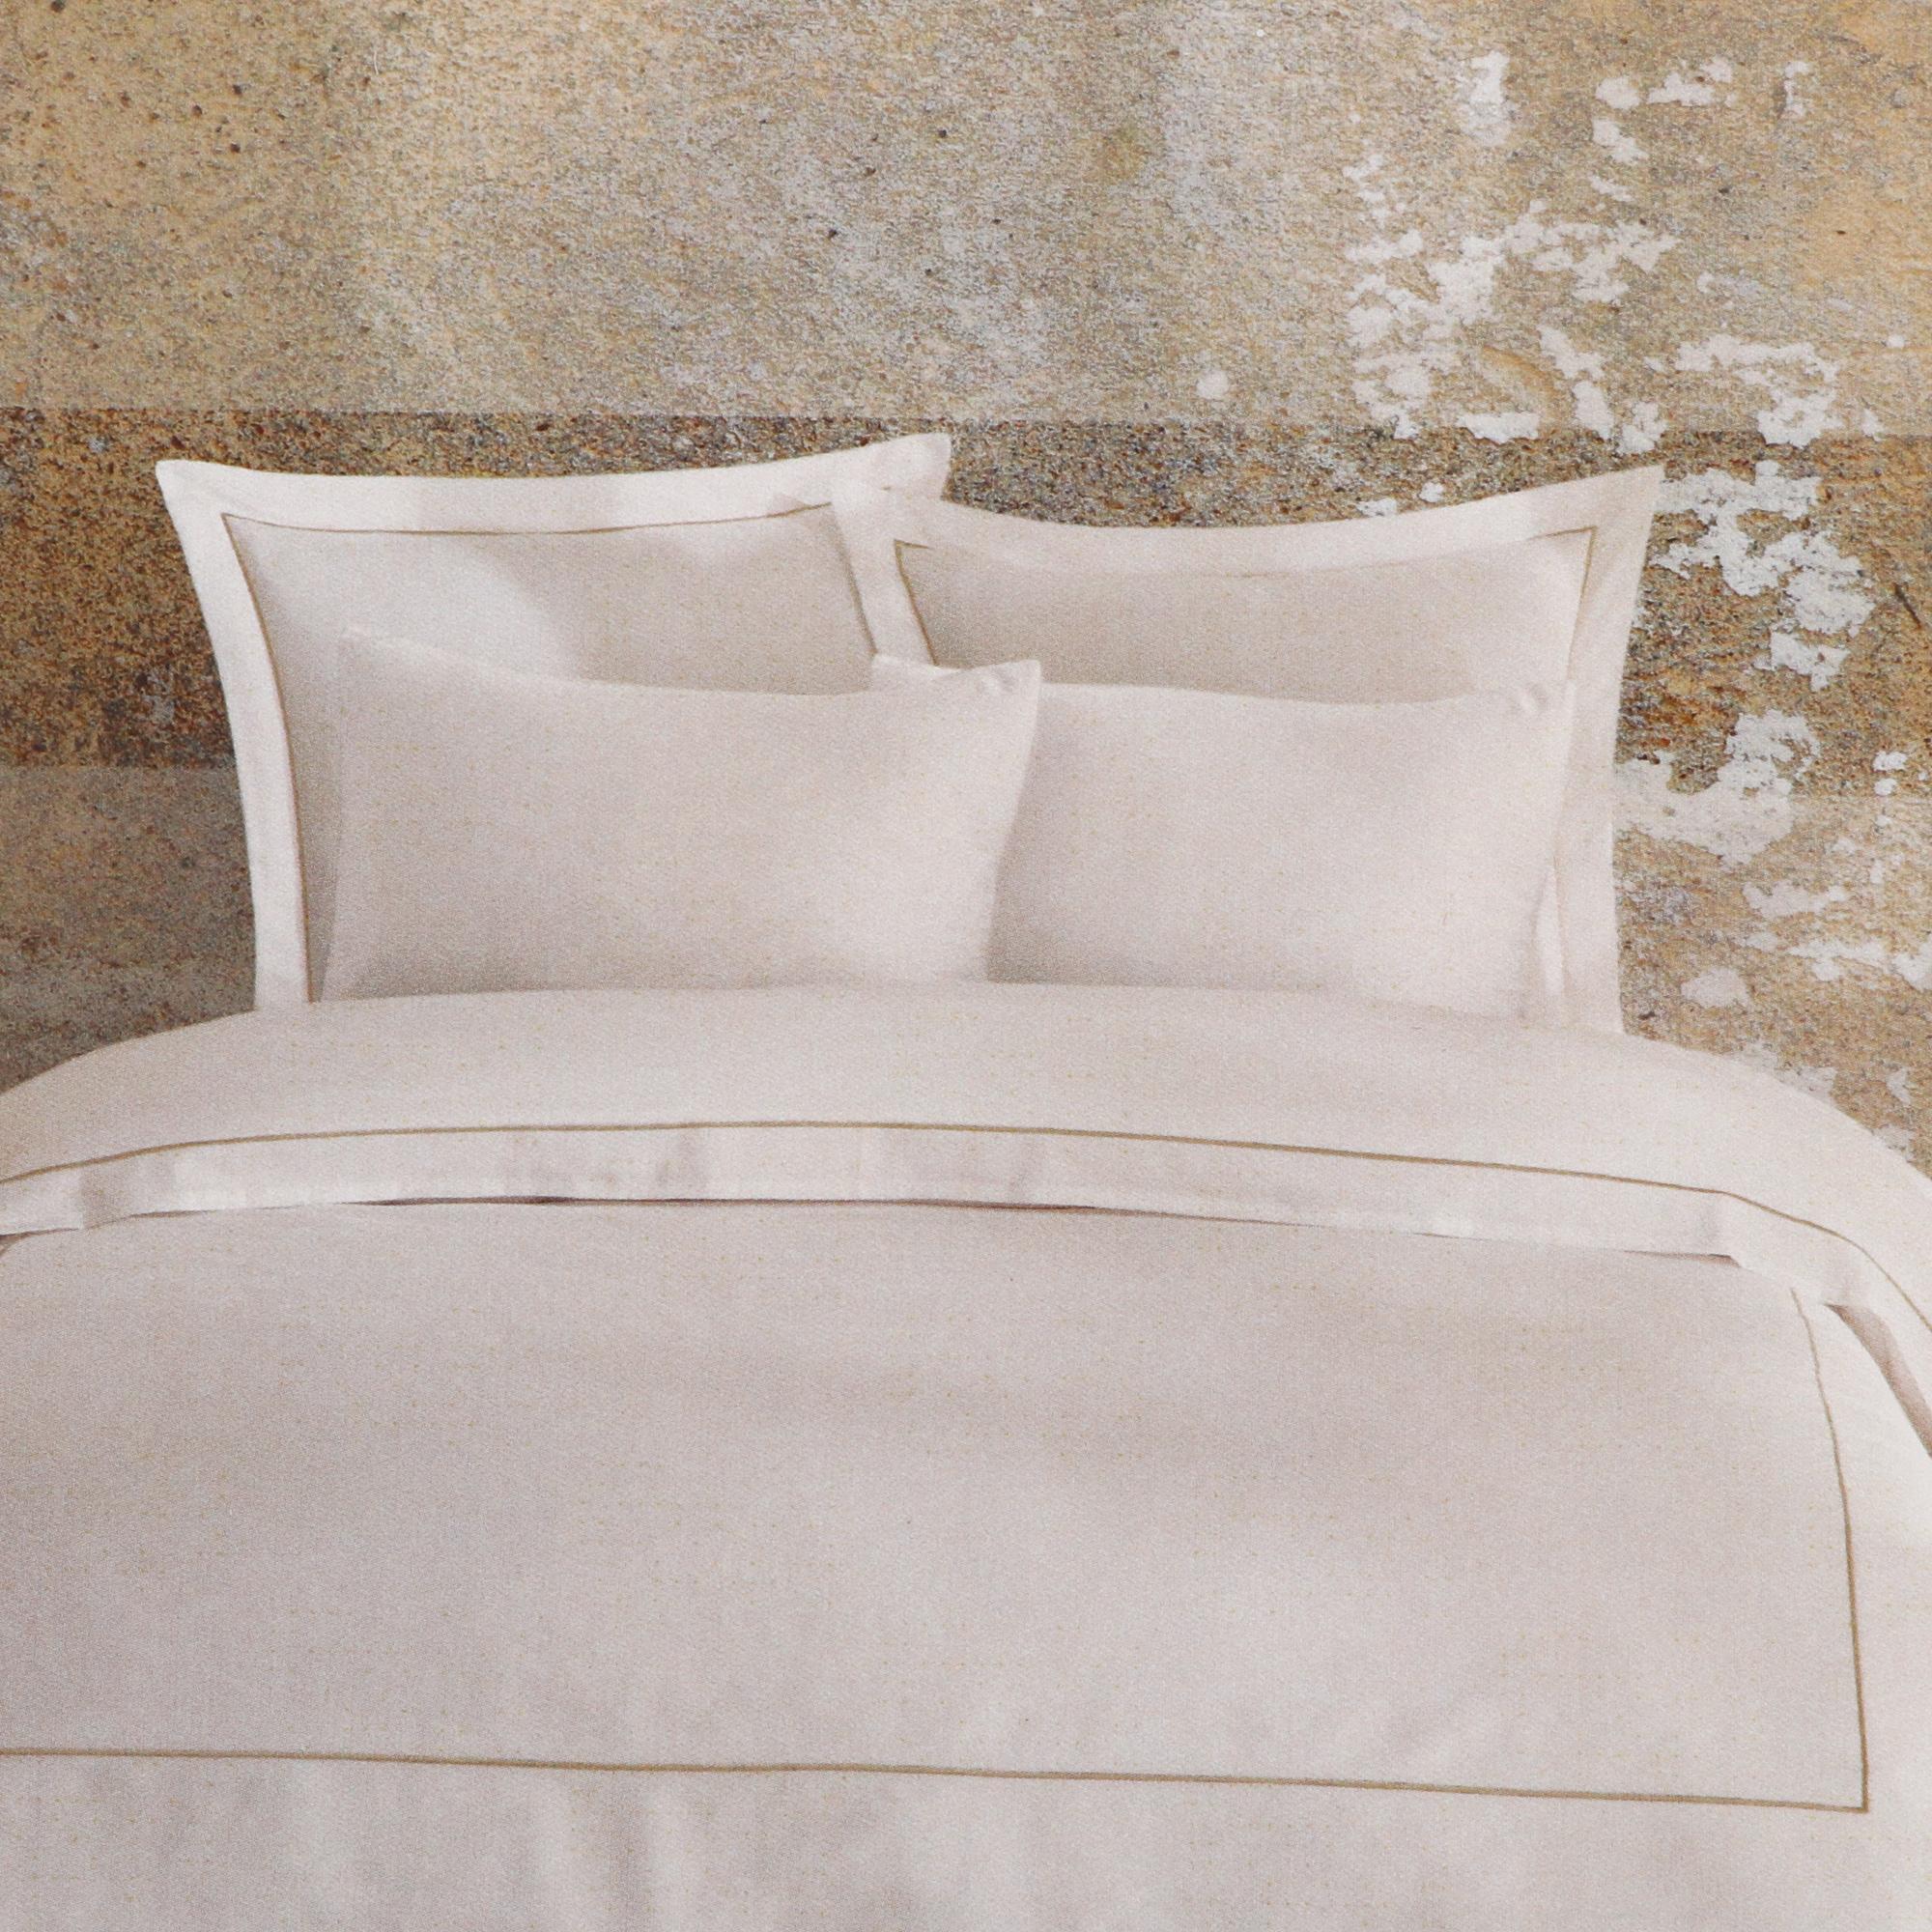 Постельный комплект Bella casa семейный white / golden olive stripes